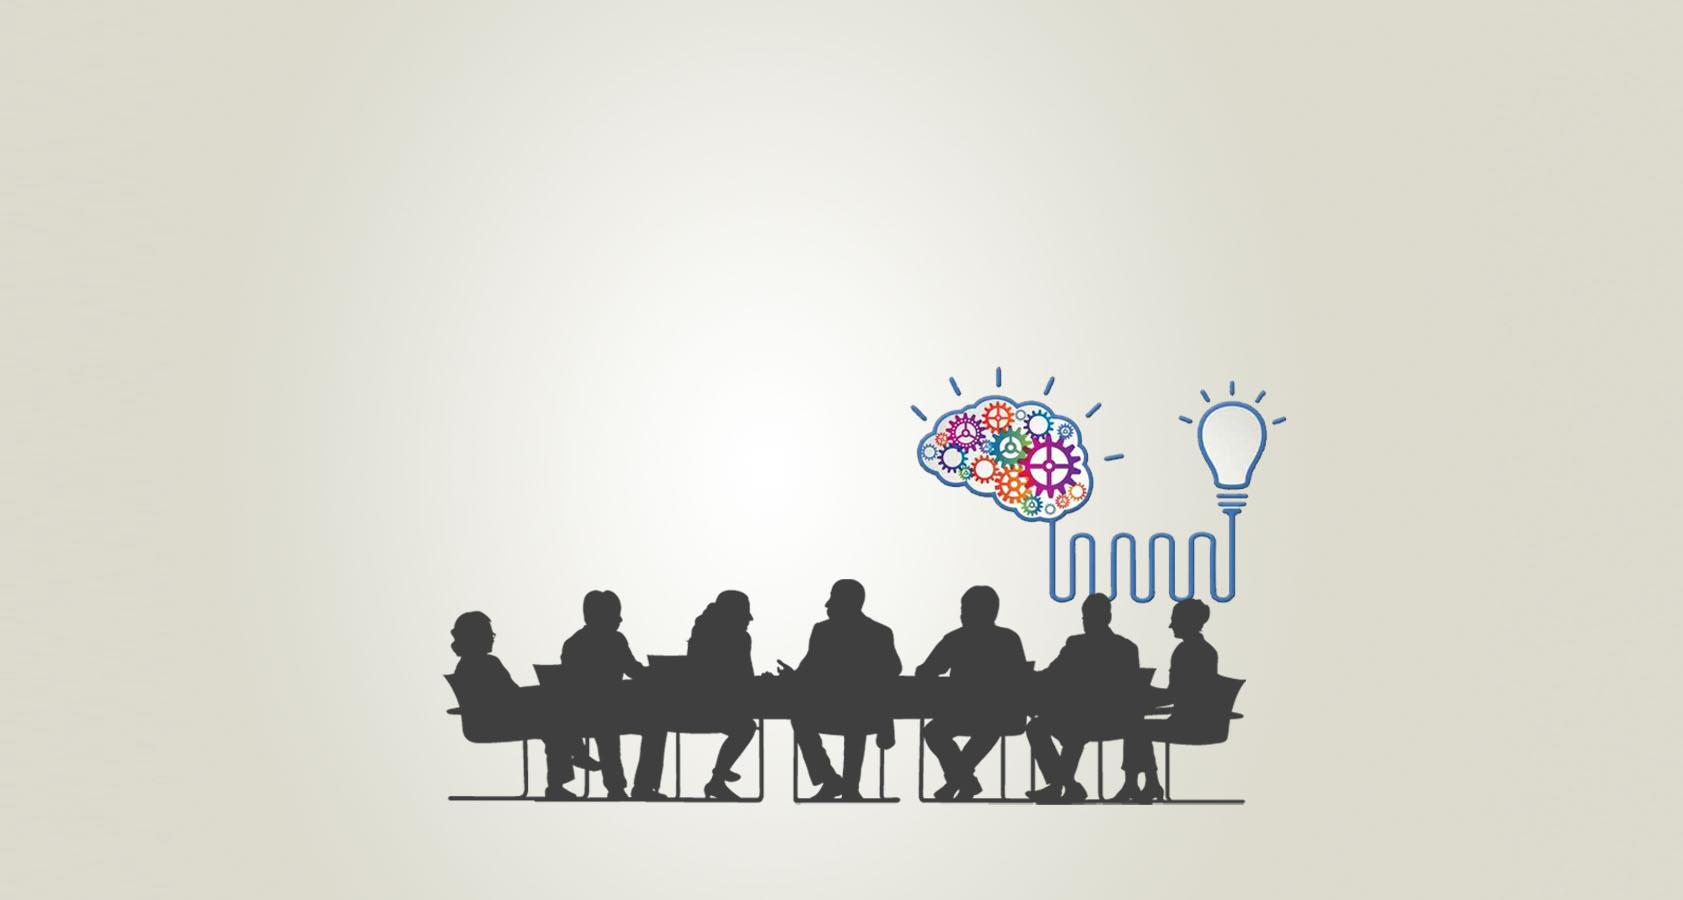 想创业,有哪些小生意可以做(2021年创业思路)